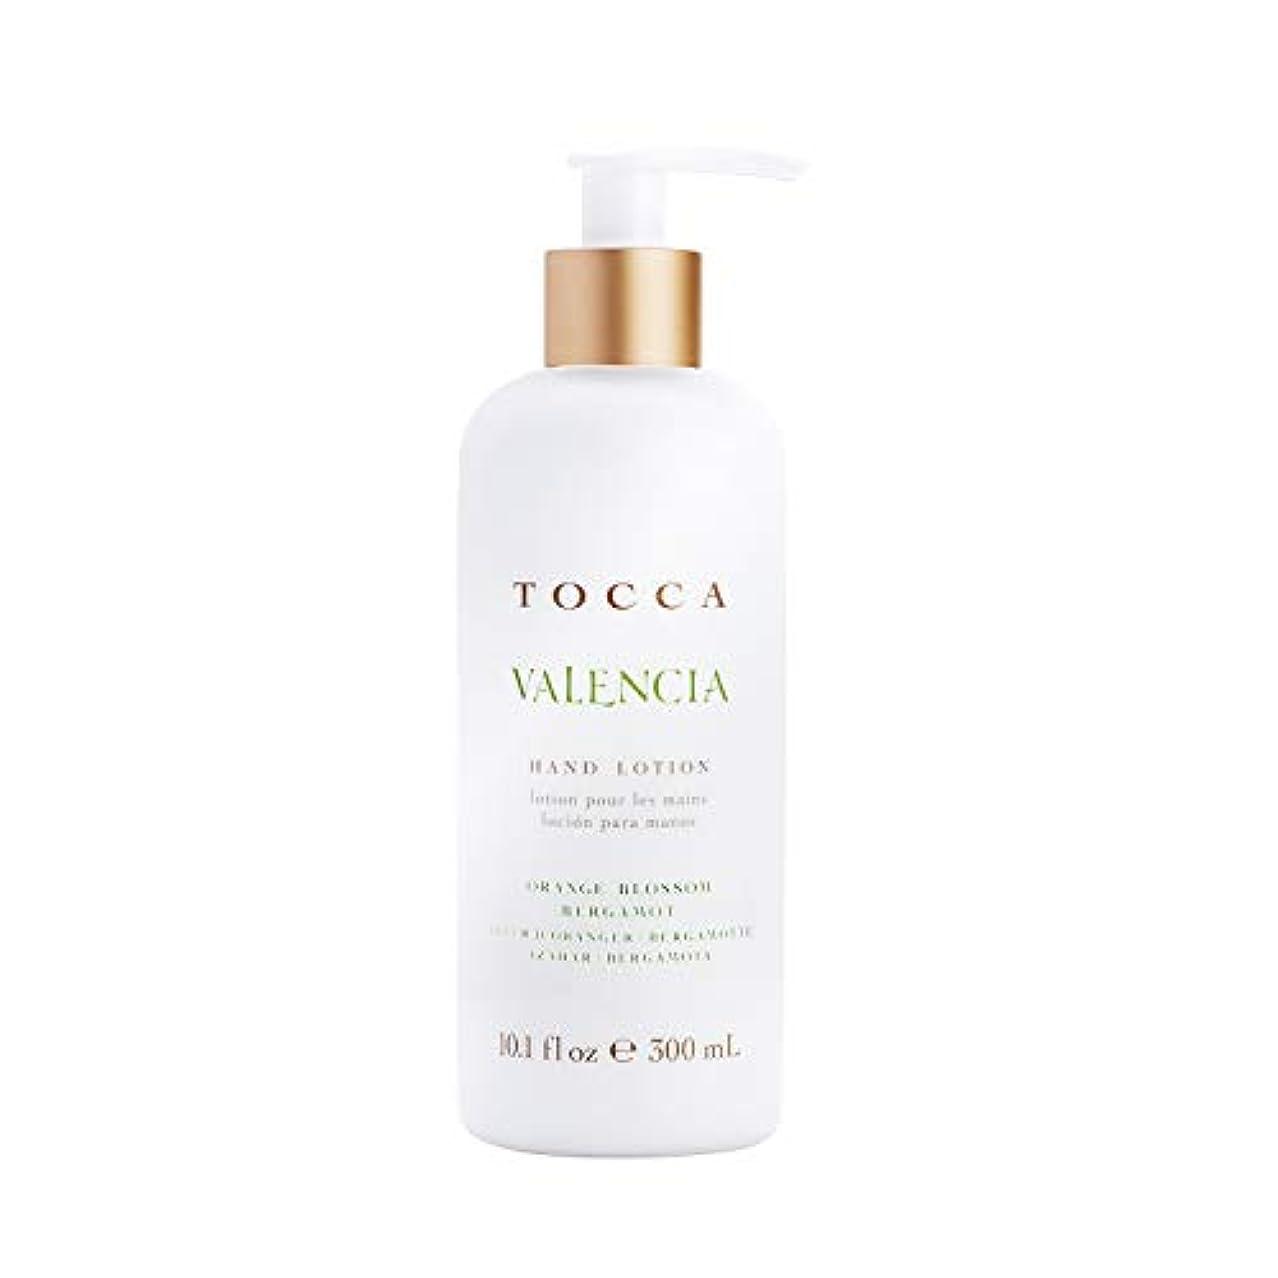 報復するセッティング雇うTOCCA(トッカ) ボヤージュ ハンドローション バレンシア 300mL (手肌用保湿 ハンドクリーム オレンジとベルガモットのフレッシュシトラスな香り)